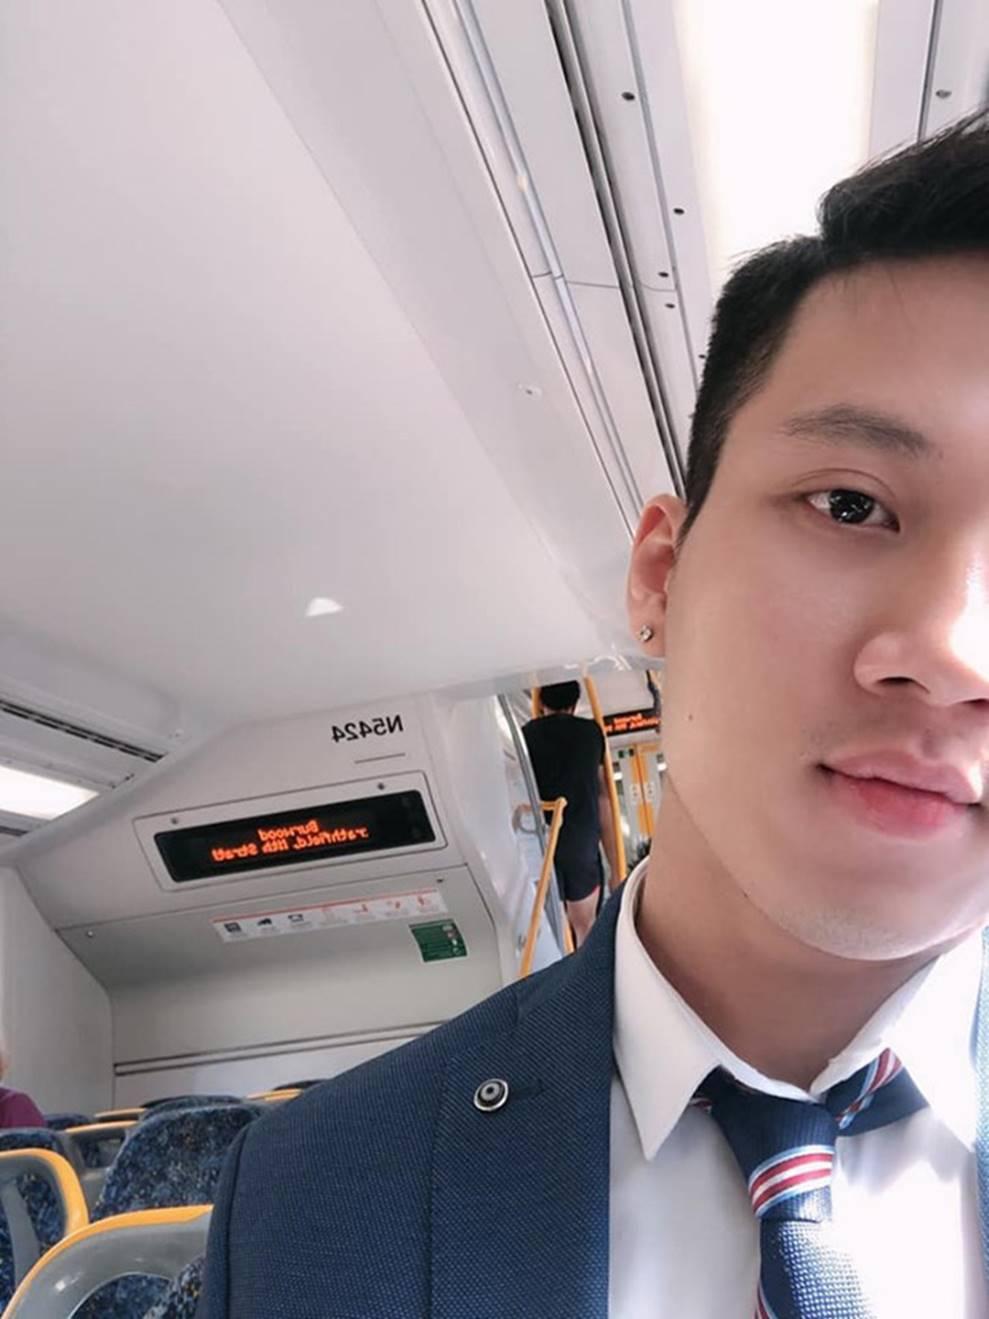 Thầy giáo Việt hot nhất MXH những ngày qua: Đẹp trai cao ráo như người mẫu, là thạc sĩ Ngôn ngữ tại Úc-10